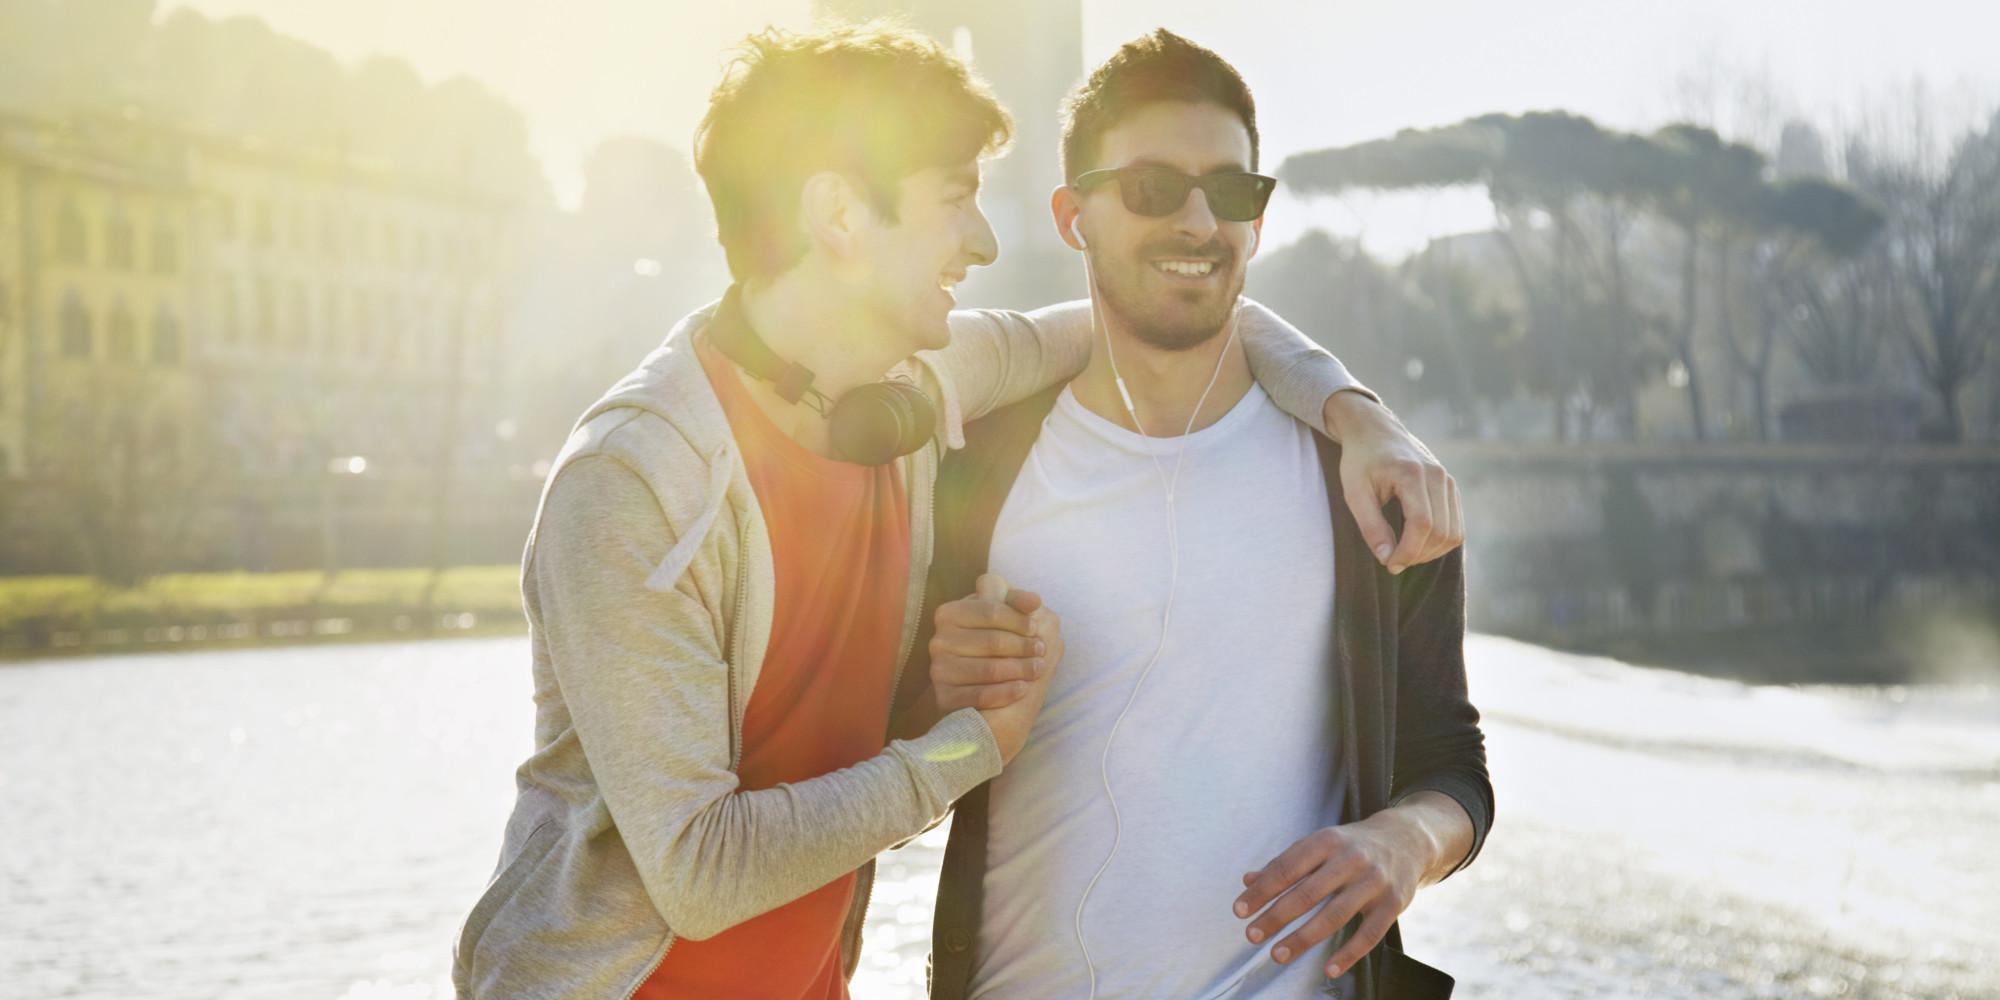 Δημοφιλής: Ο ρόλος της κοινωνικής αποδοχής στη ζωή μας